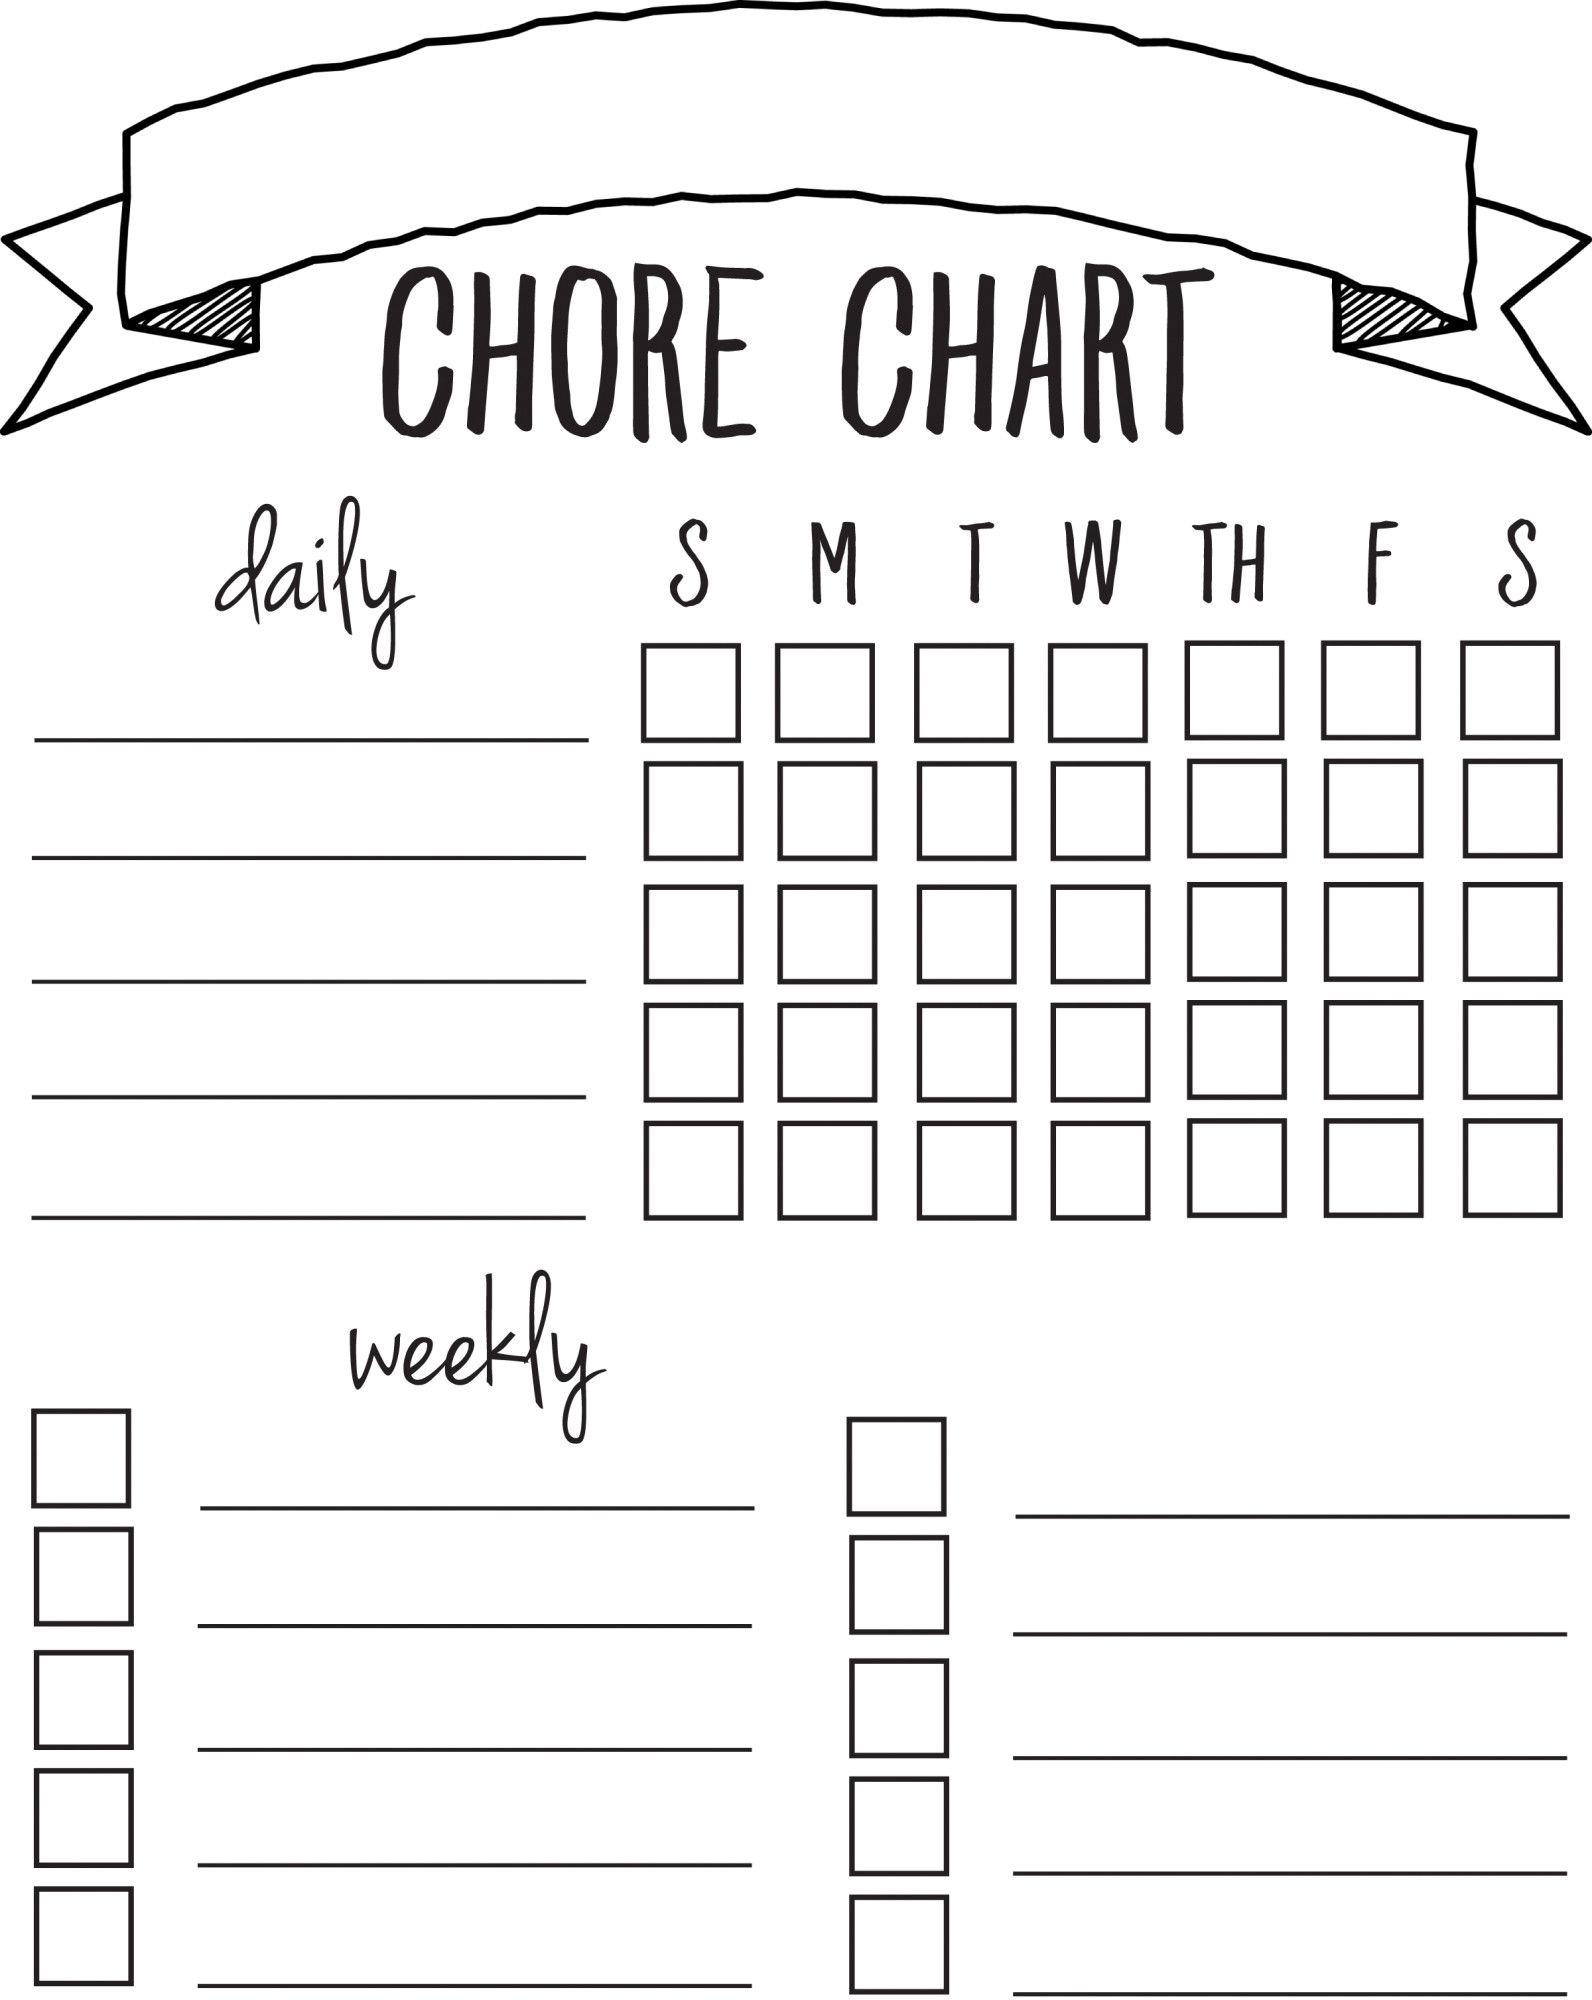 Diy Printable Chore Chart | Free Printables Nov/feb | Chore Chart - Free Printable Chore Chart Templates